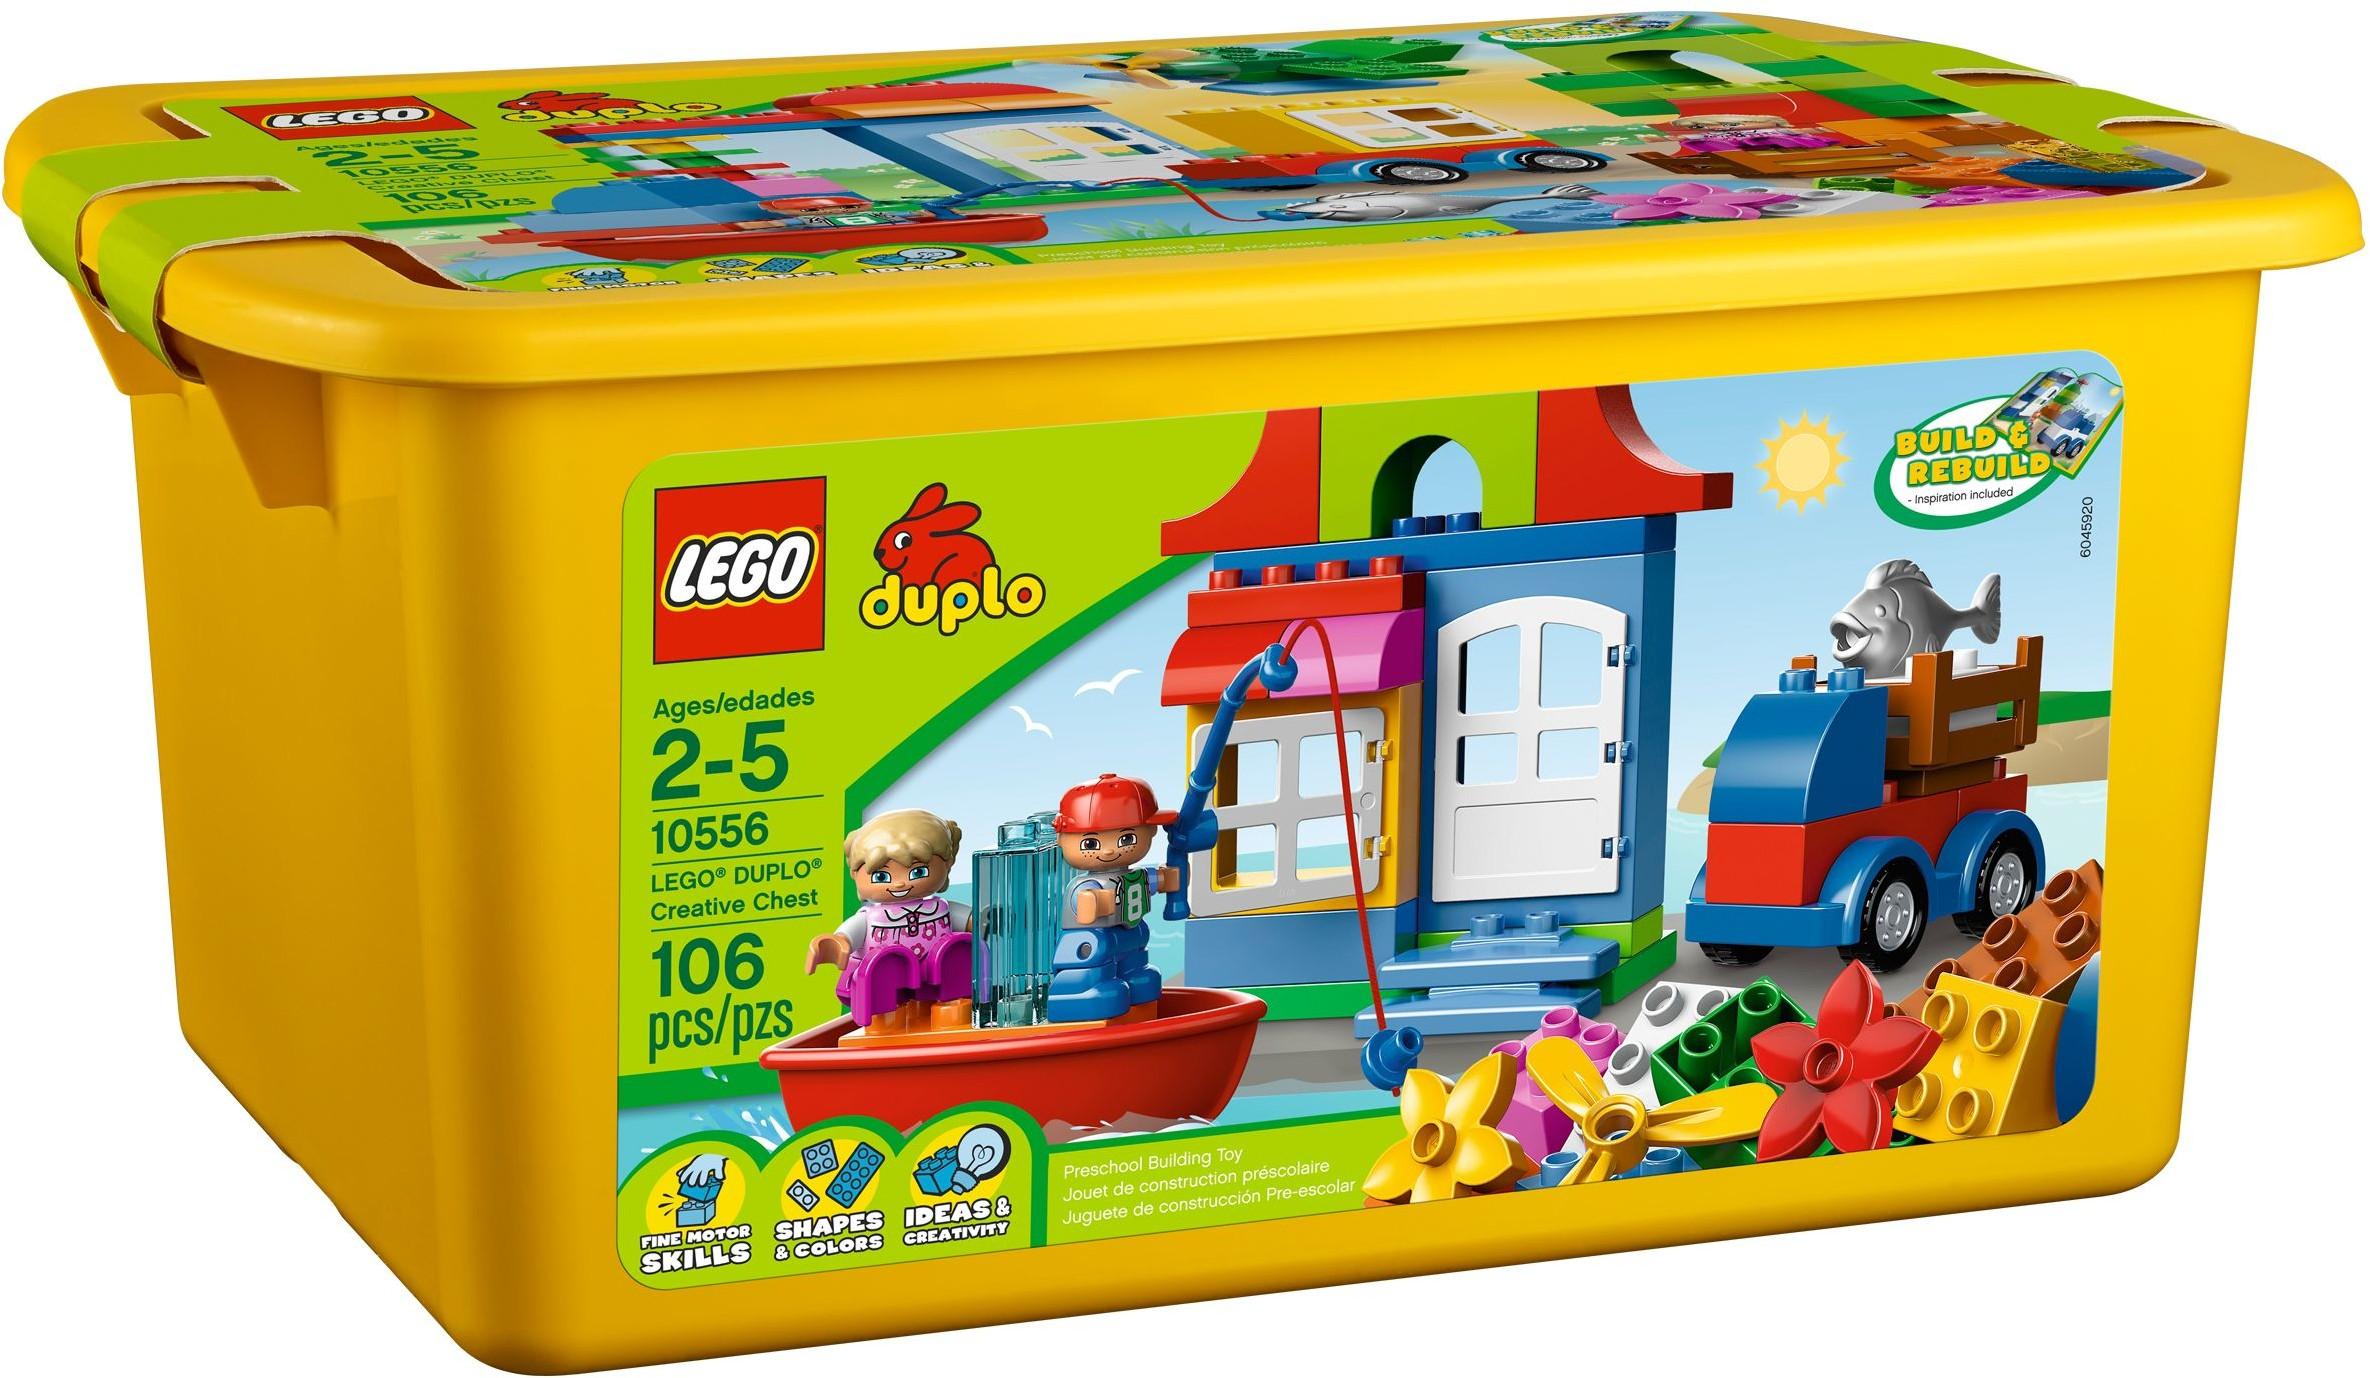 Lego duplo 10556 pas cher maxi caisse jaune lego duplo - Caisse de rangement lego ...